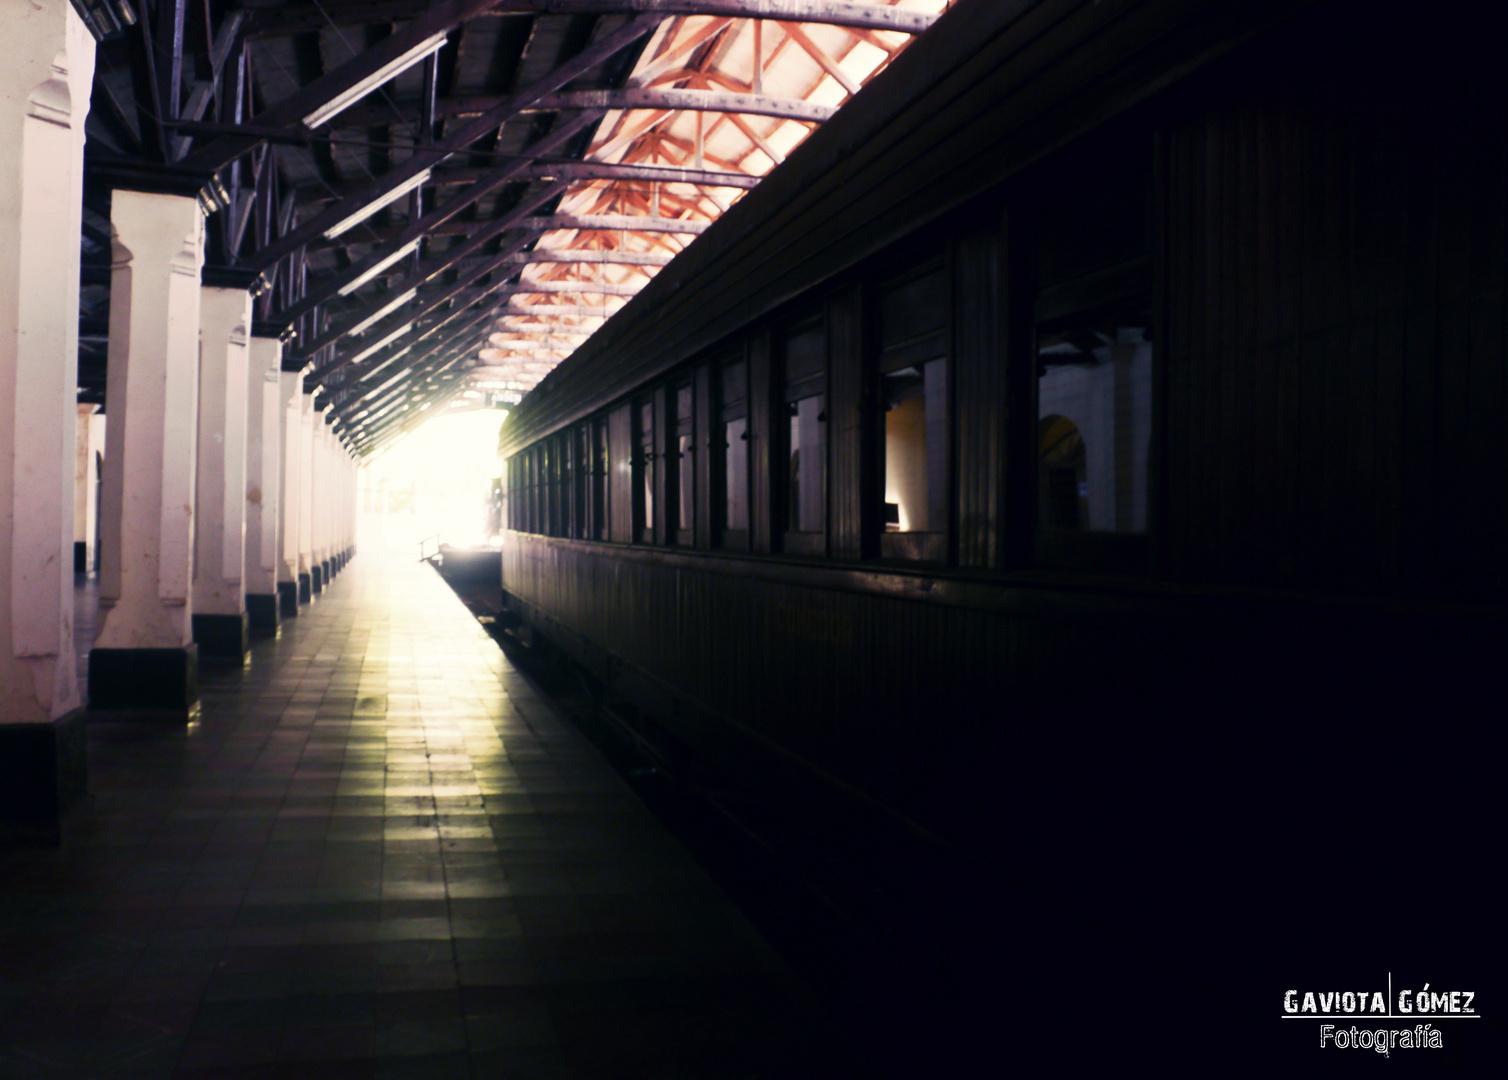 siempre hay luz al final del camino